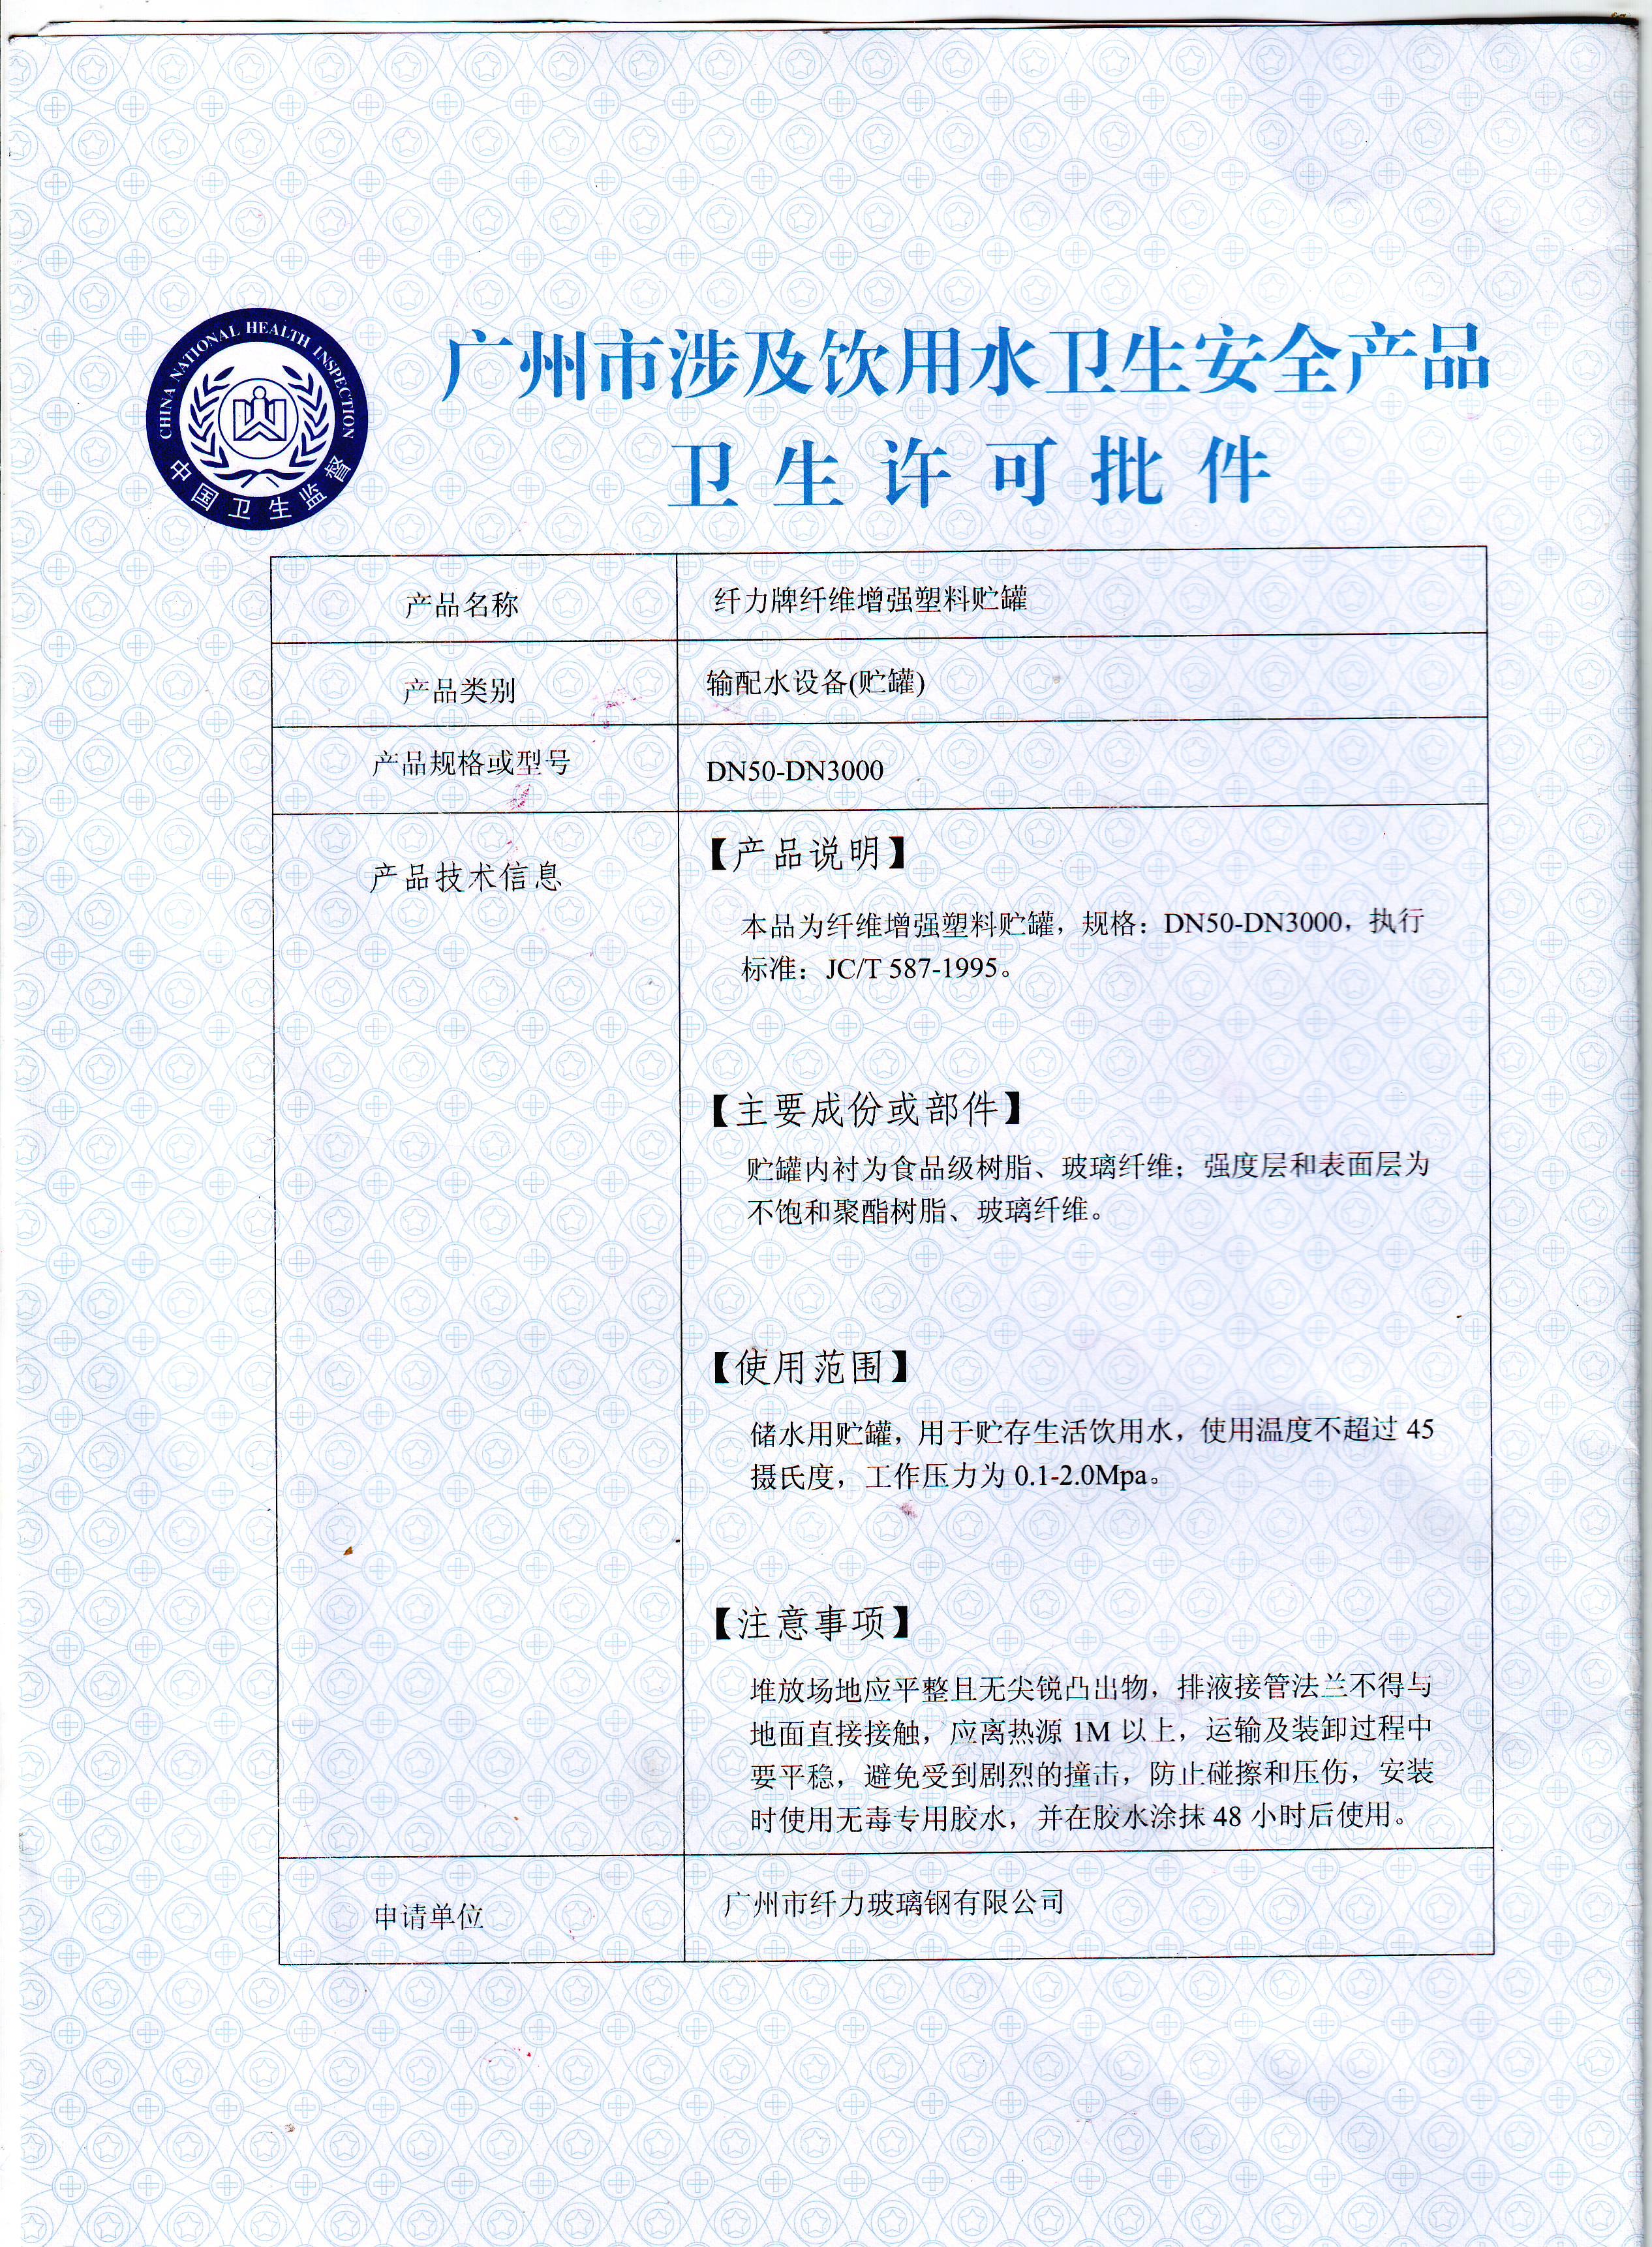 龙8国际娱乐pt老虎机涉及饮用水卫生许可证